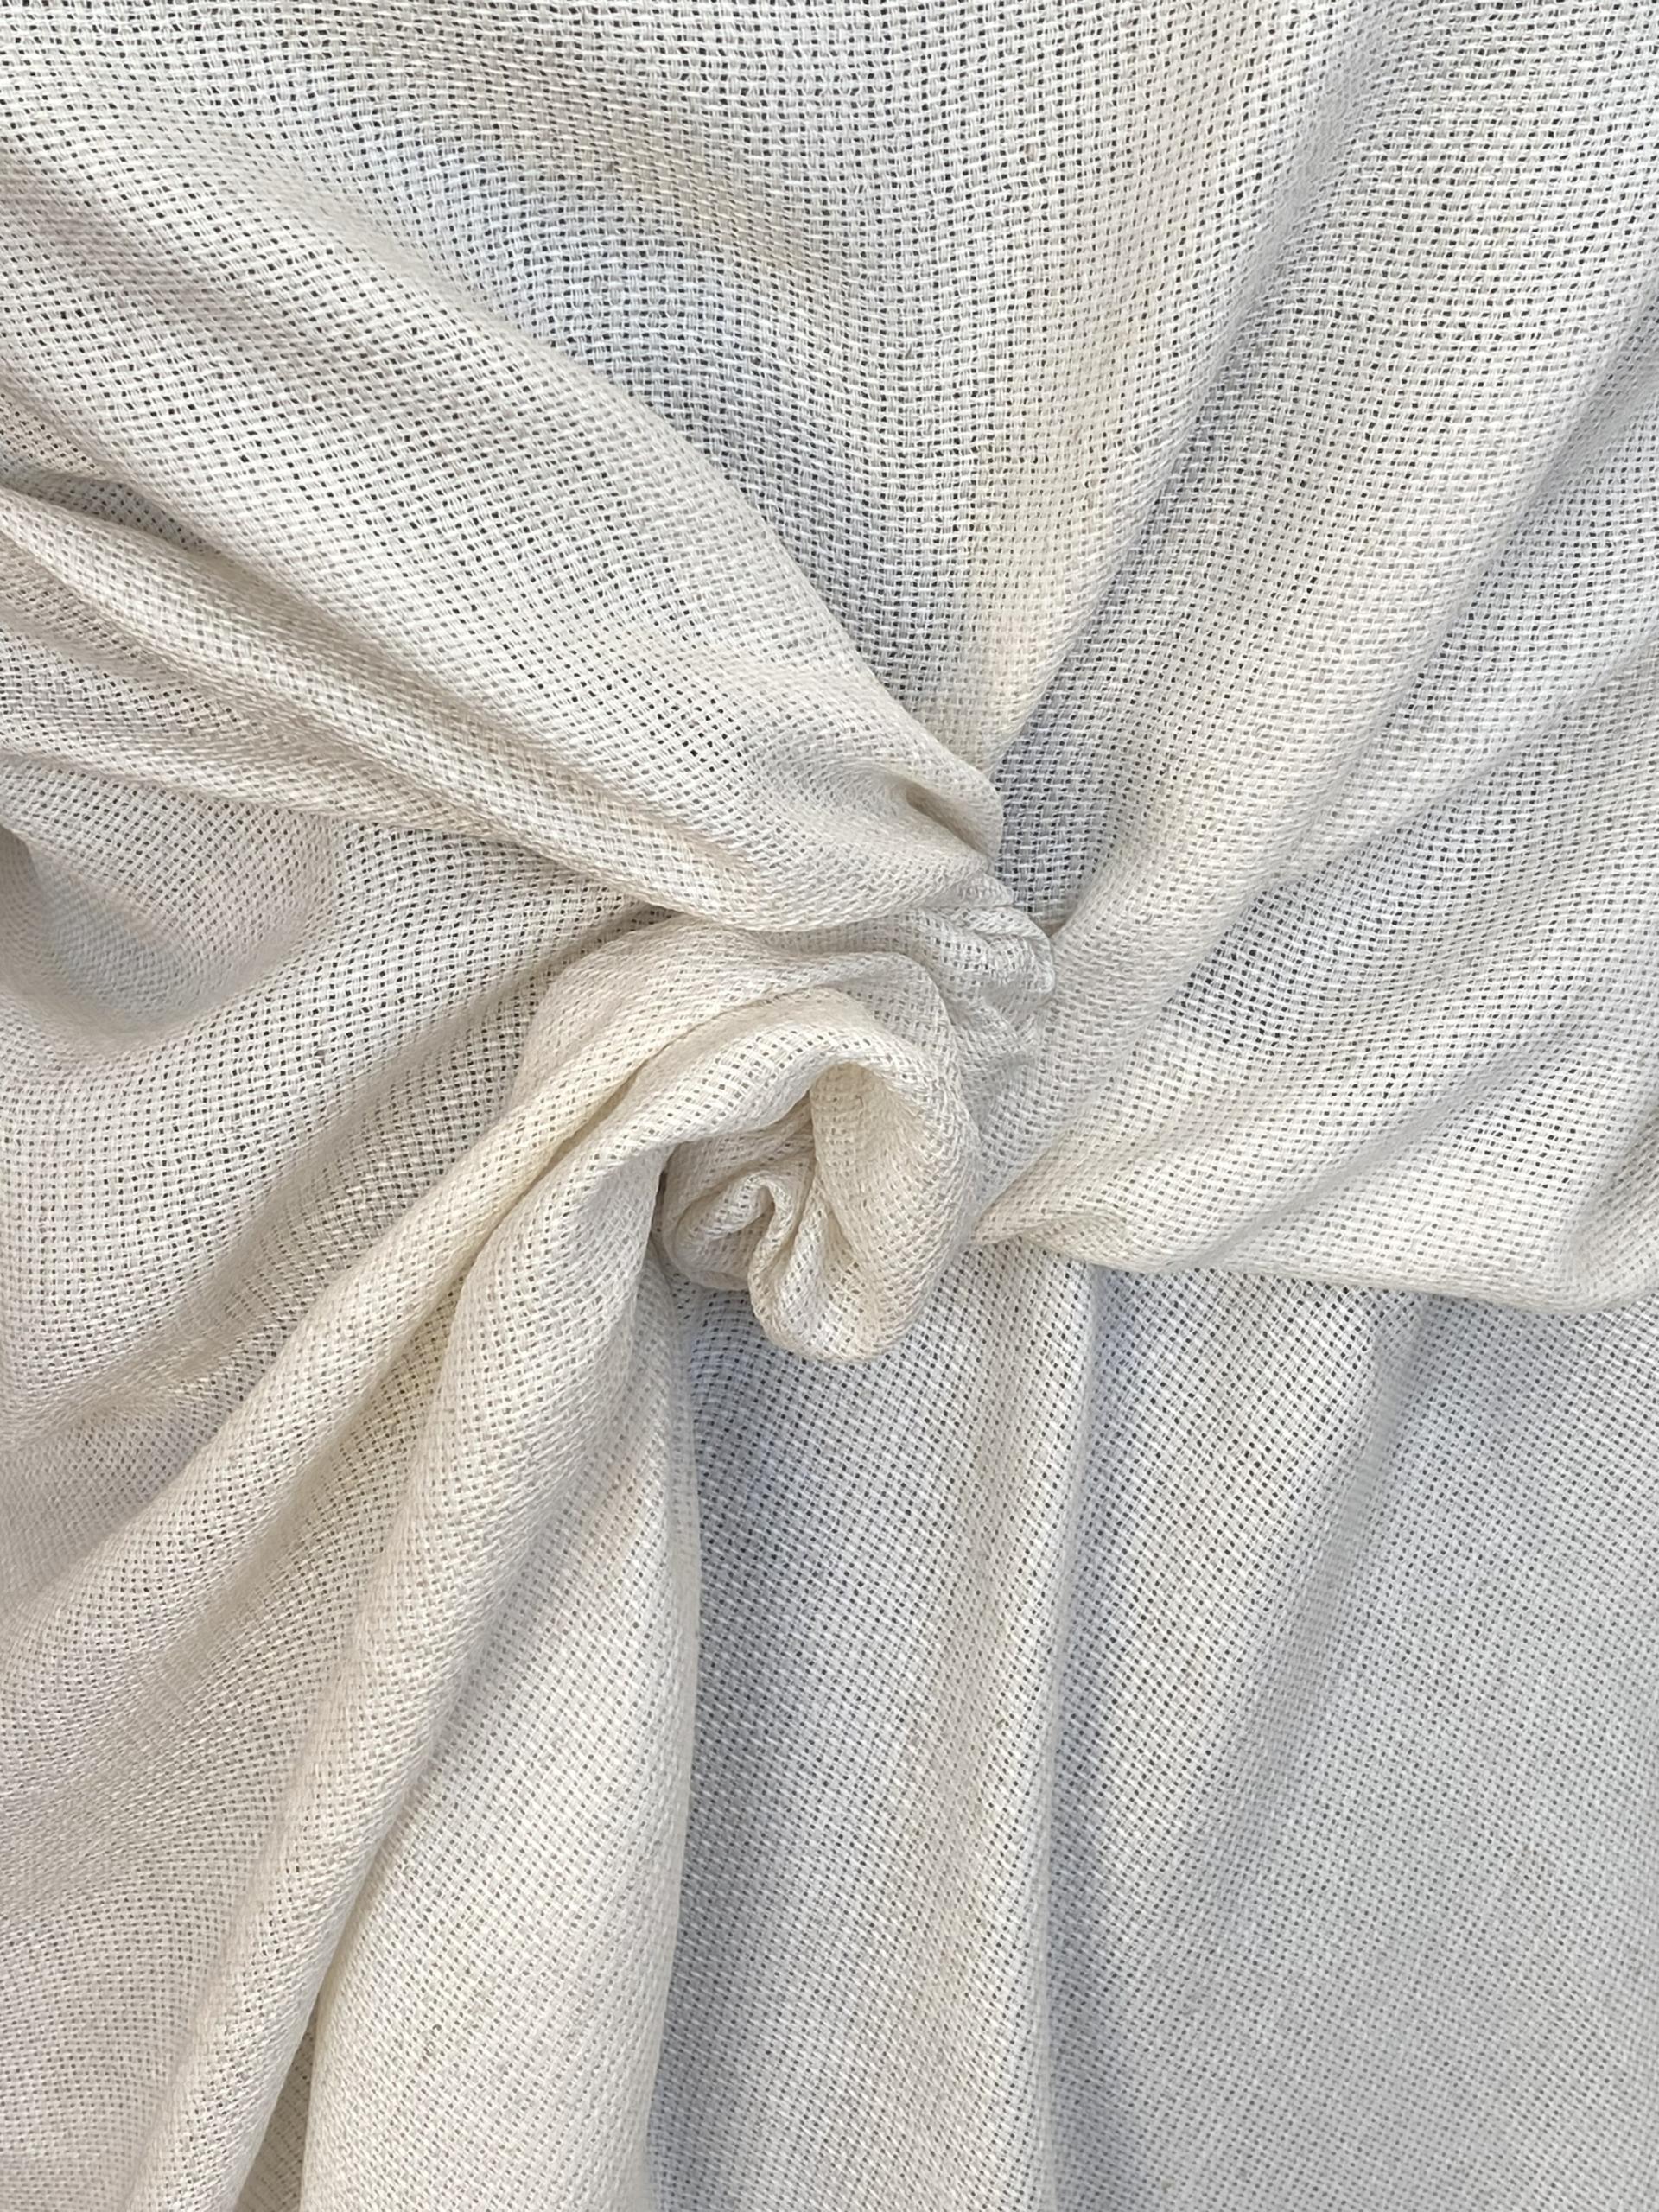 natural gauze type fabric